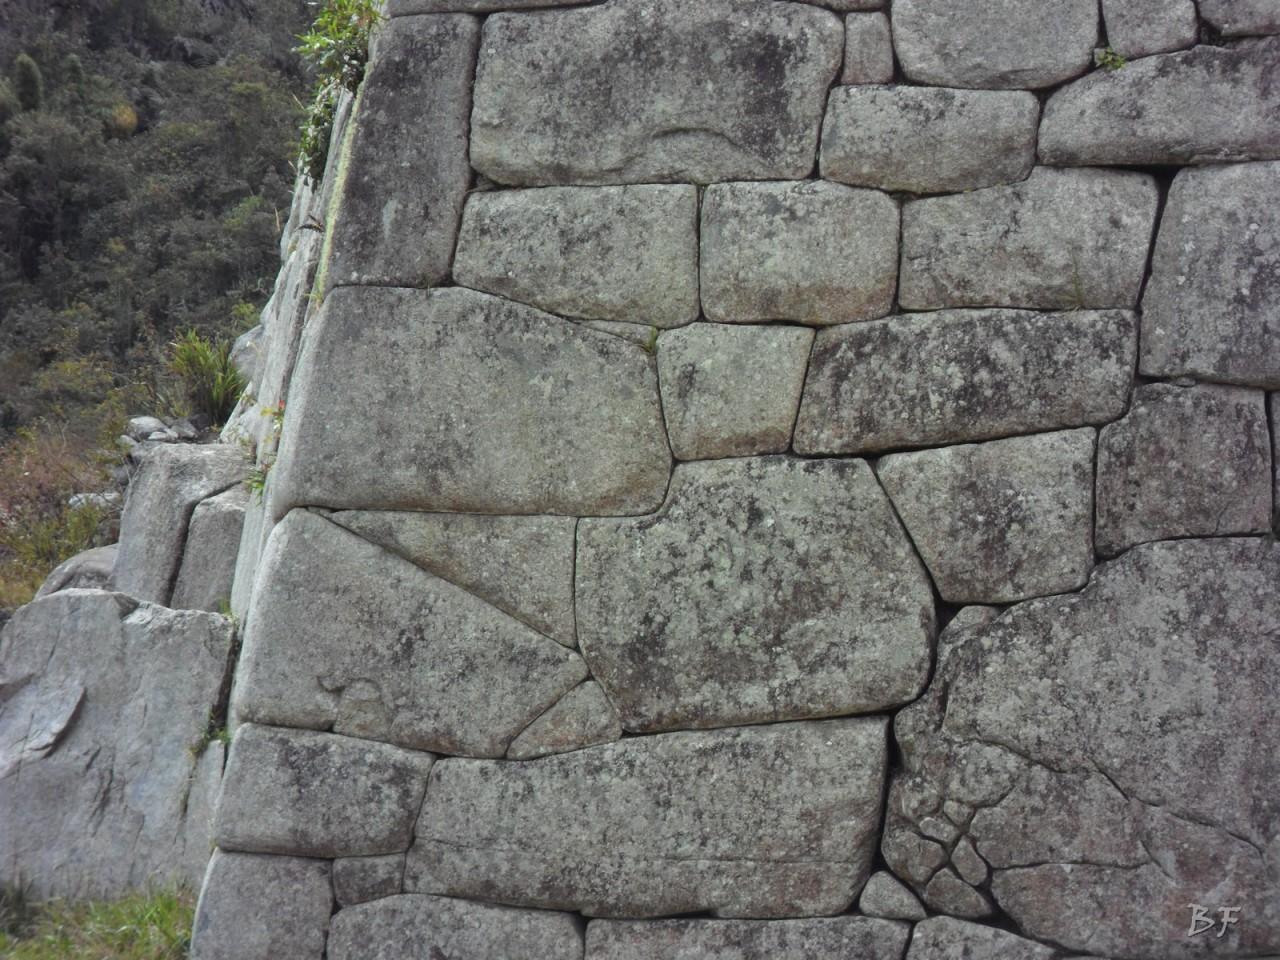 Mura-Poligonali-Incisioni-Altari-Edifici-Rupestri-Megaliti-Machu-Picchu-Aguas-Calientes-Urubamba-Cusco-Perù-138